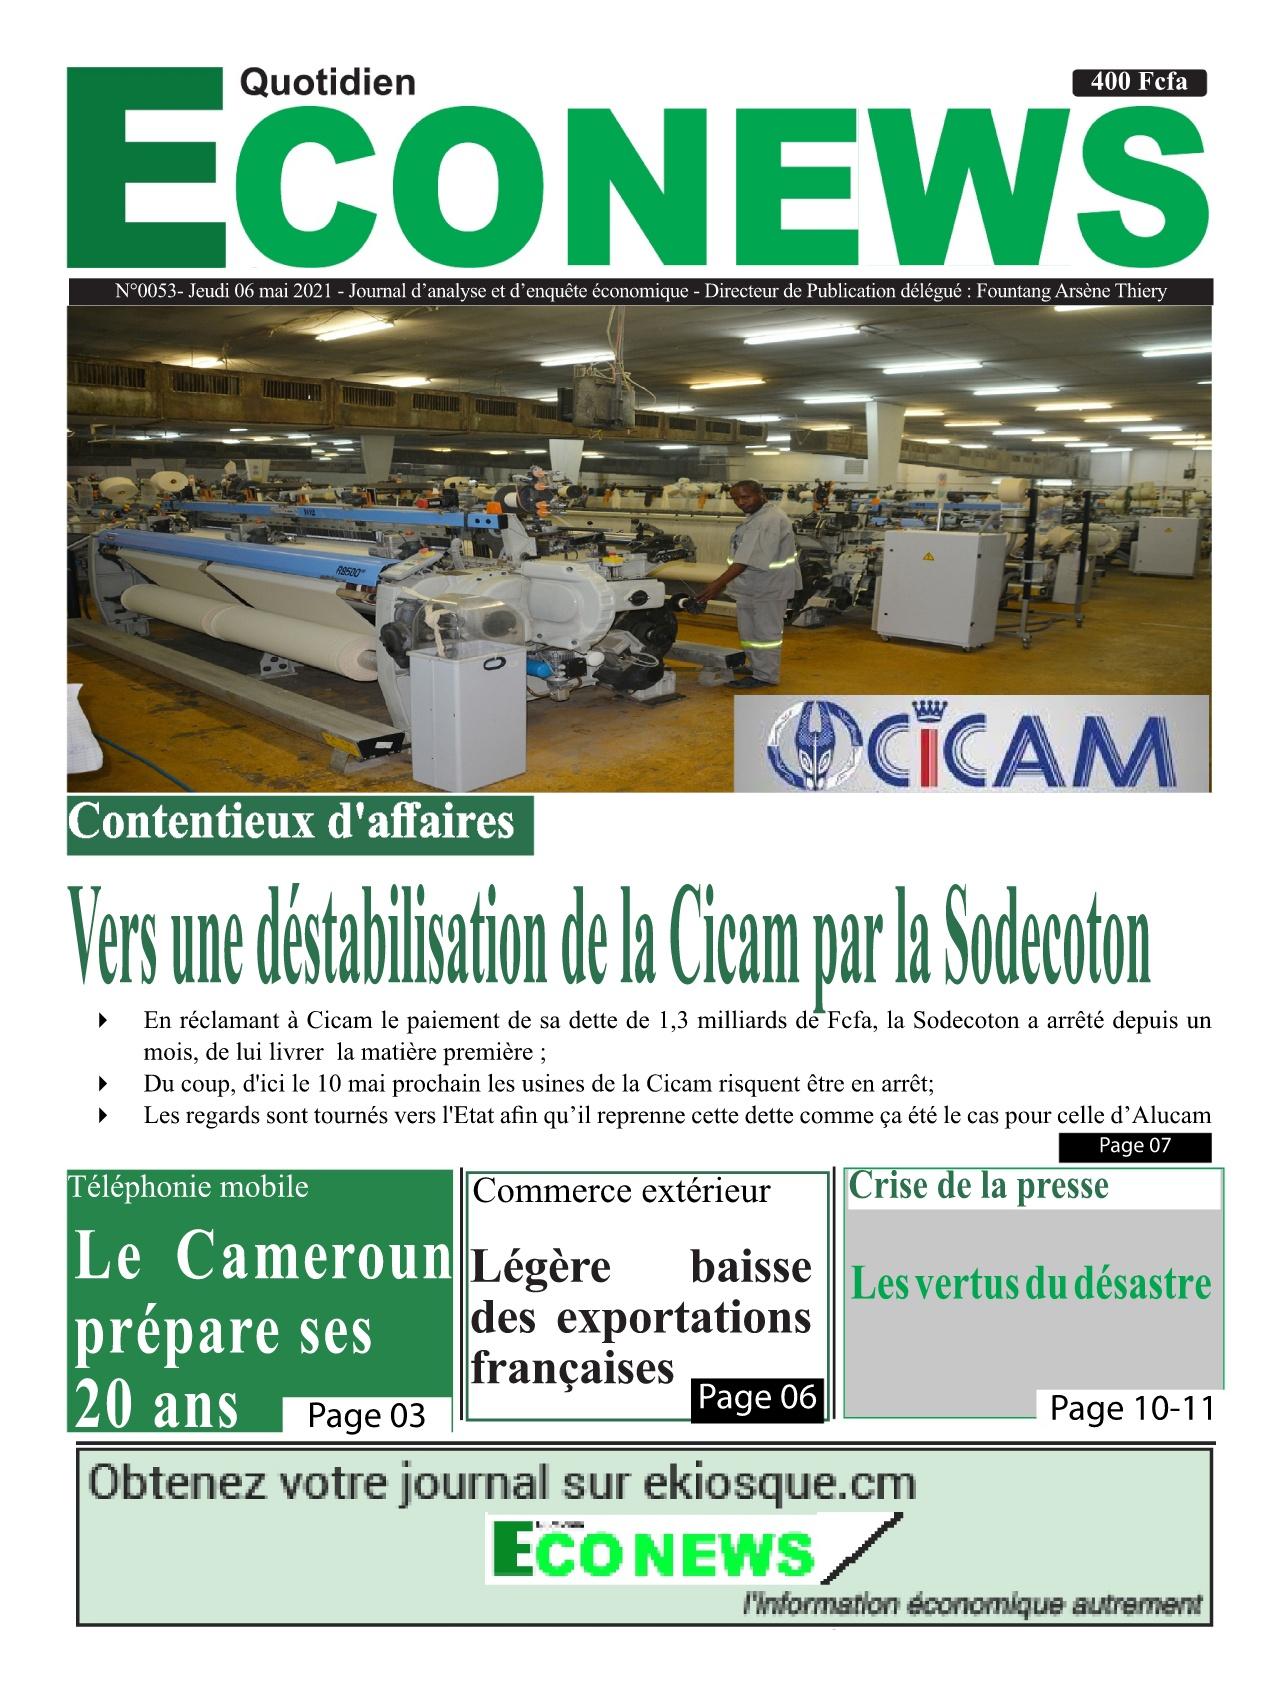 ECONEWS - 06/05/2021